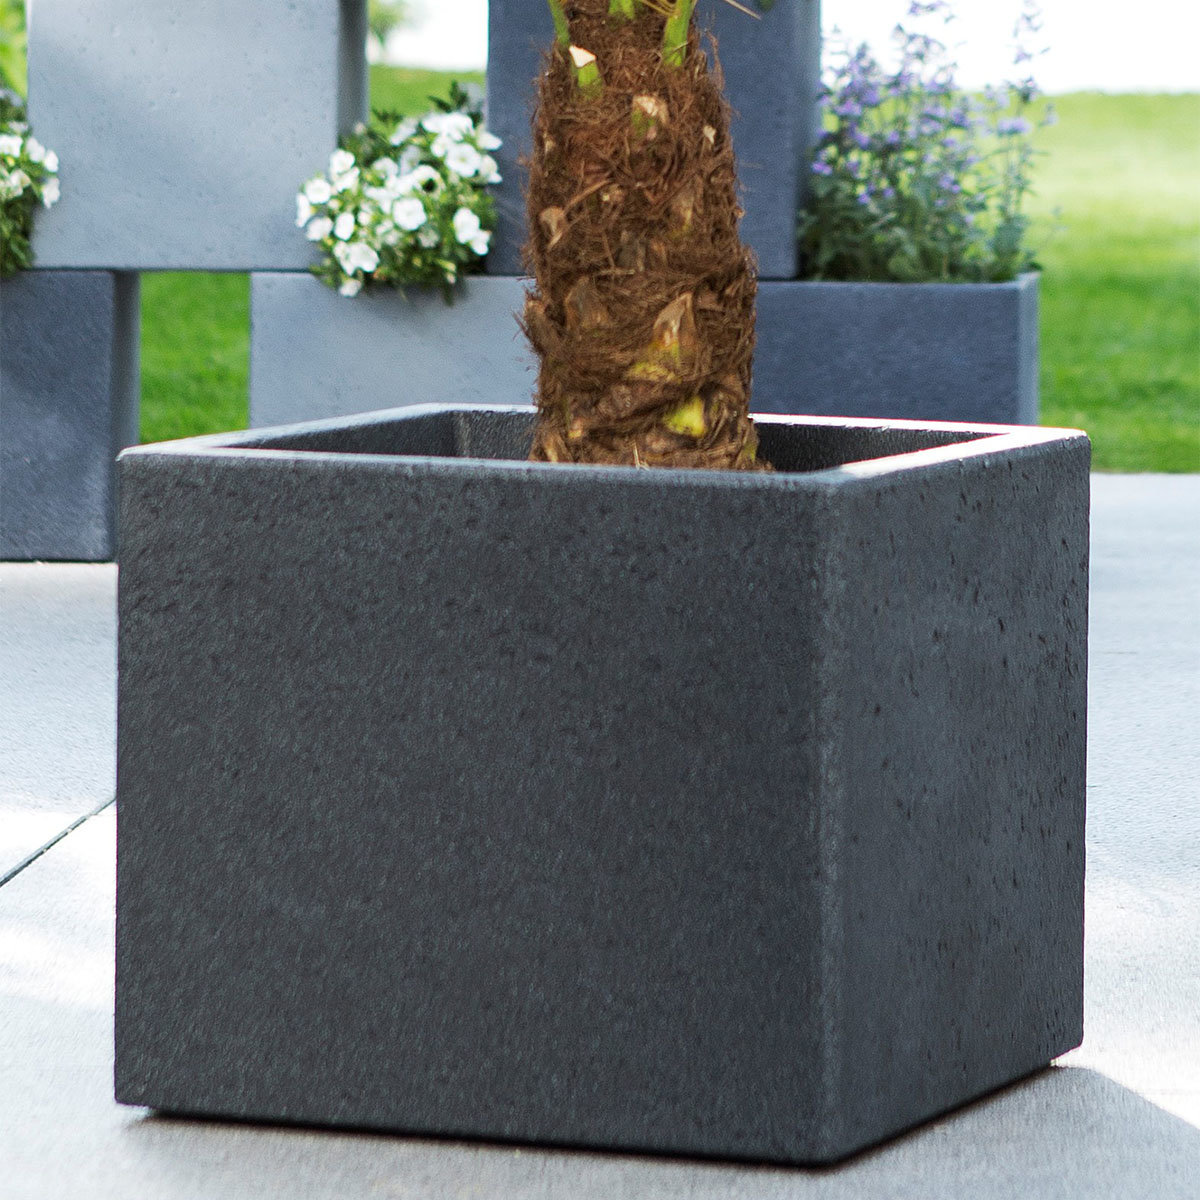 Pflanzkübel Cube, 30x30x28 cm, Stony Black